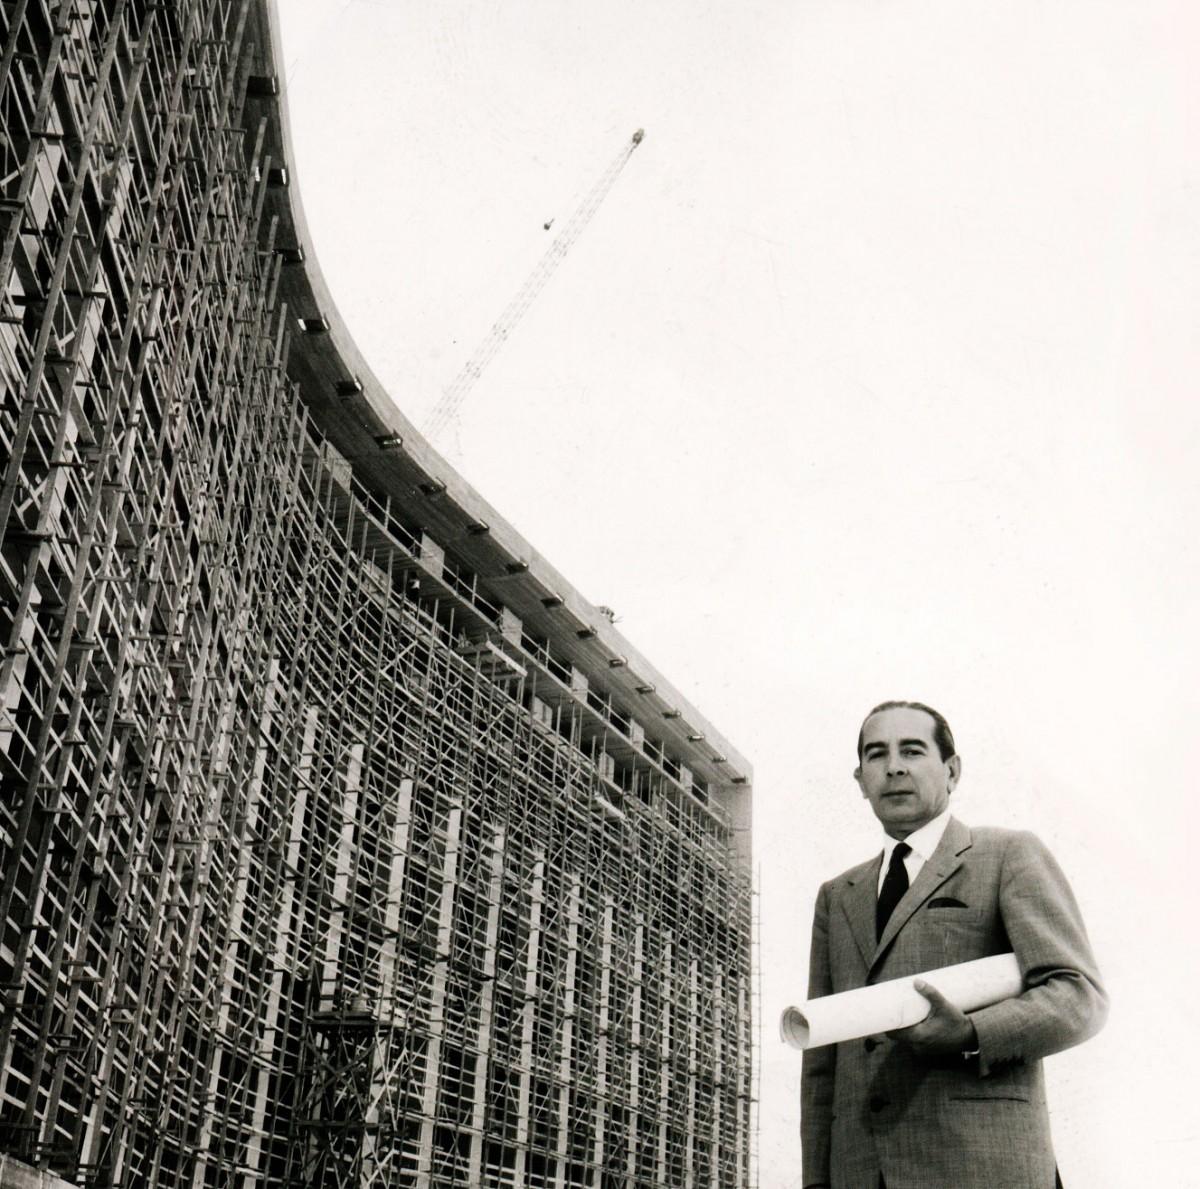 Ο Εμμανουήλ Βουρέκας μπροστά από το ξενοδοχείο Hilton Athens.